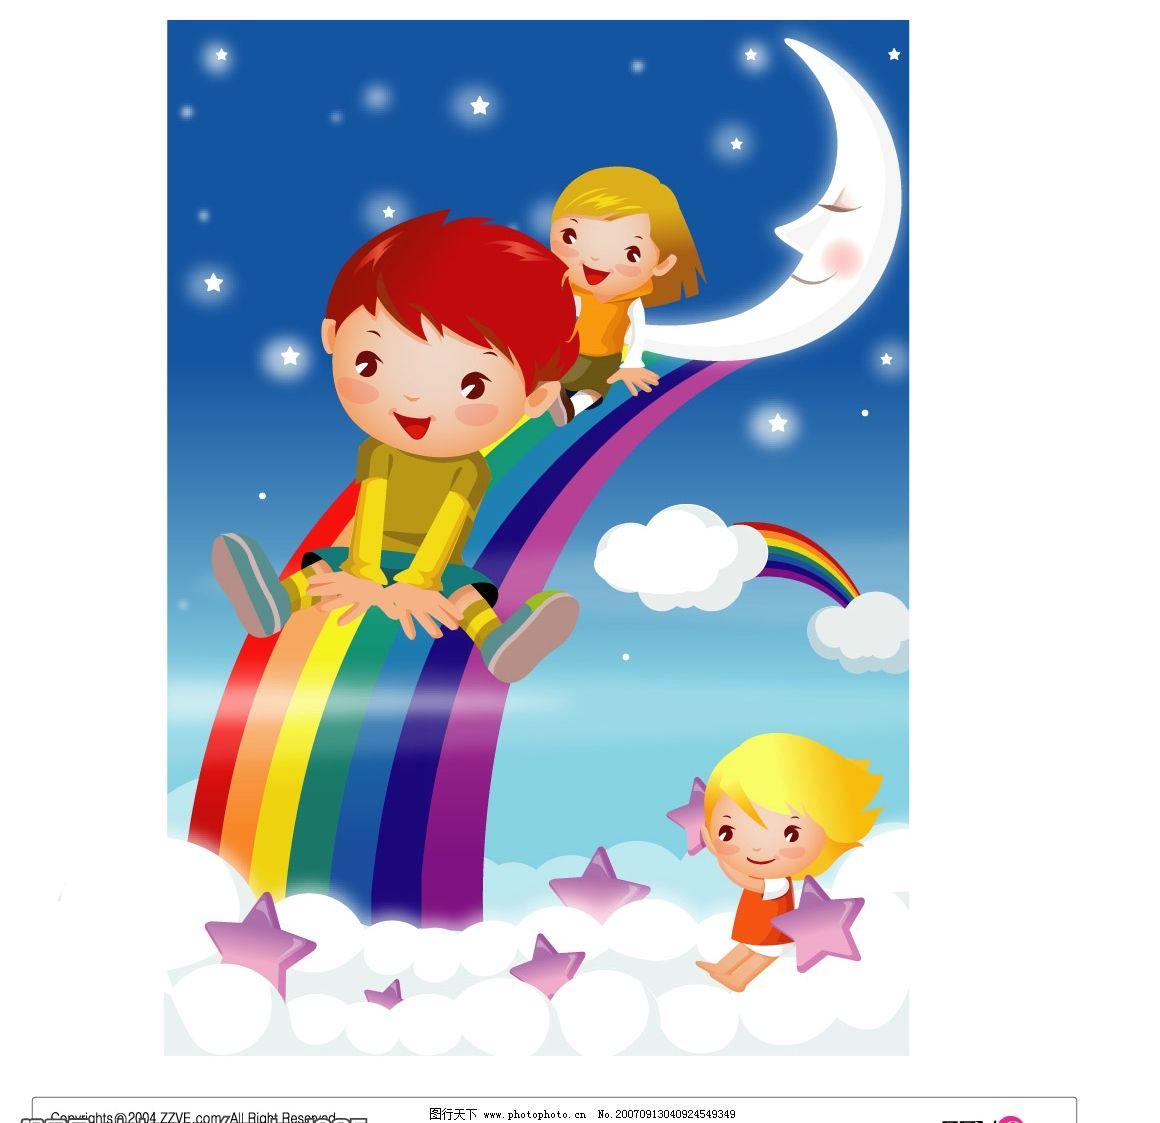 可爱孩子2 矢量人物 儿童幼儿 可爱的孩子 矢量图库